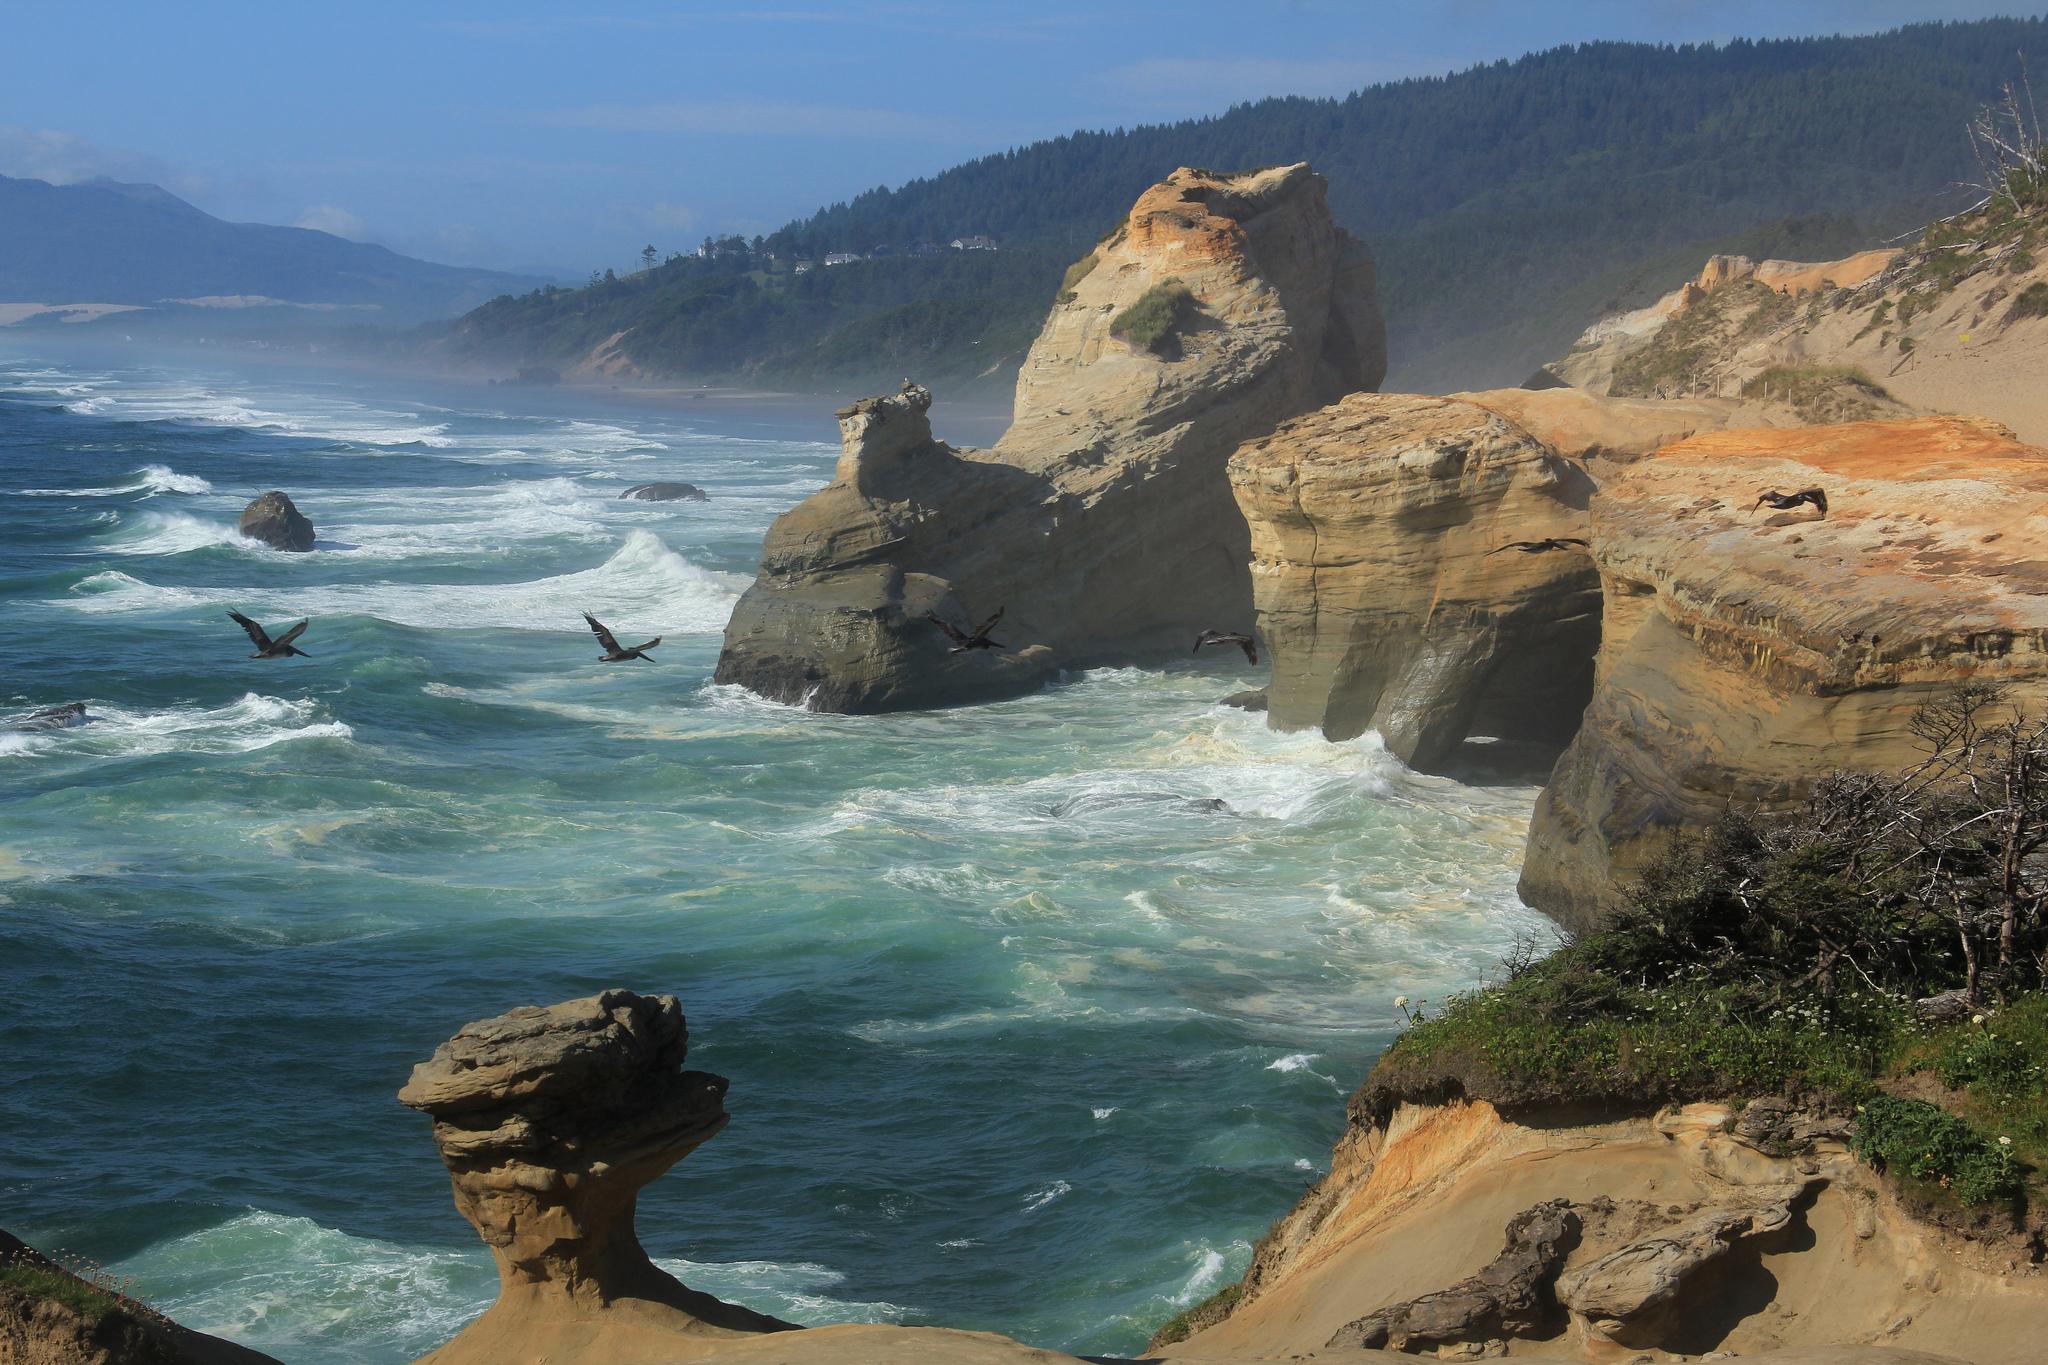 Море скалы волны шторм птицы обои